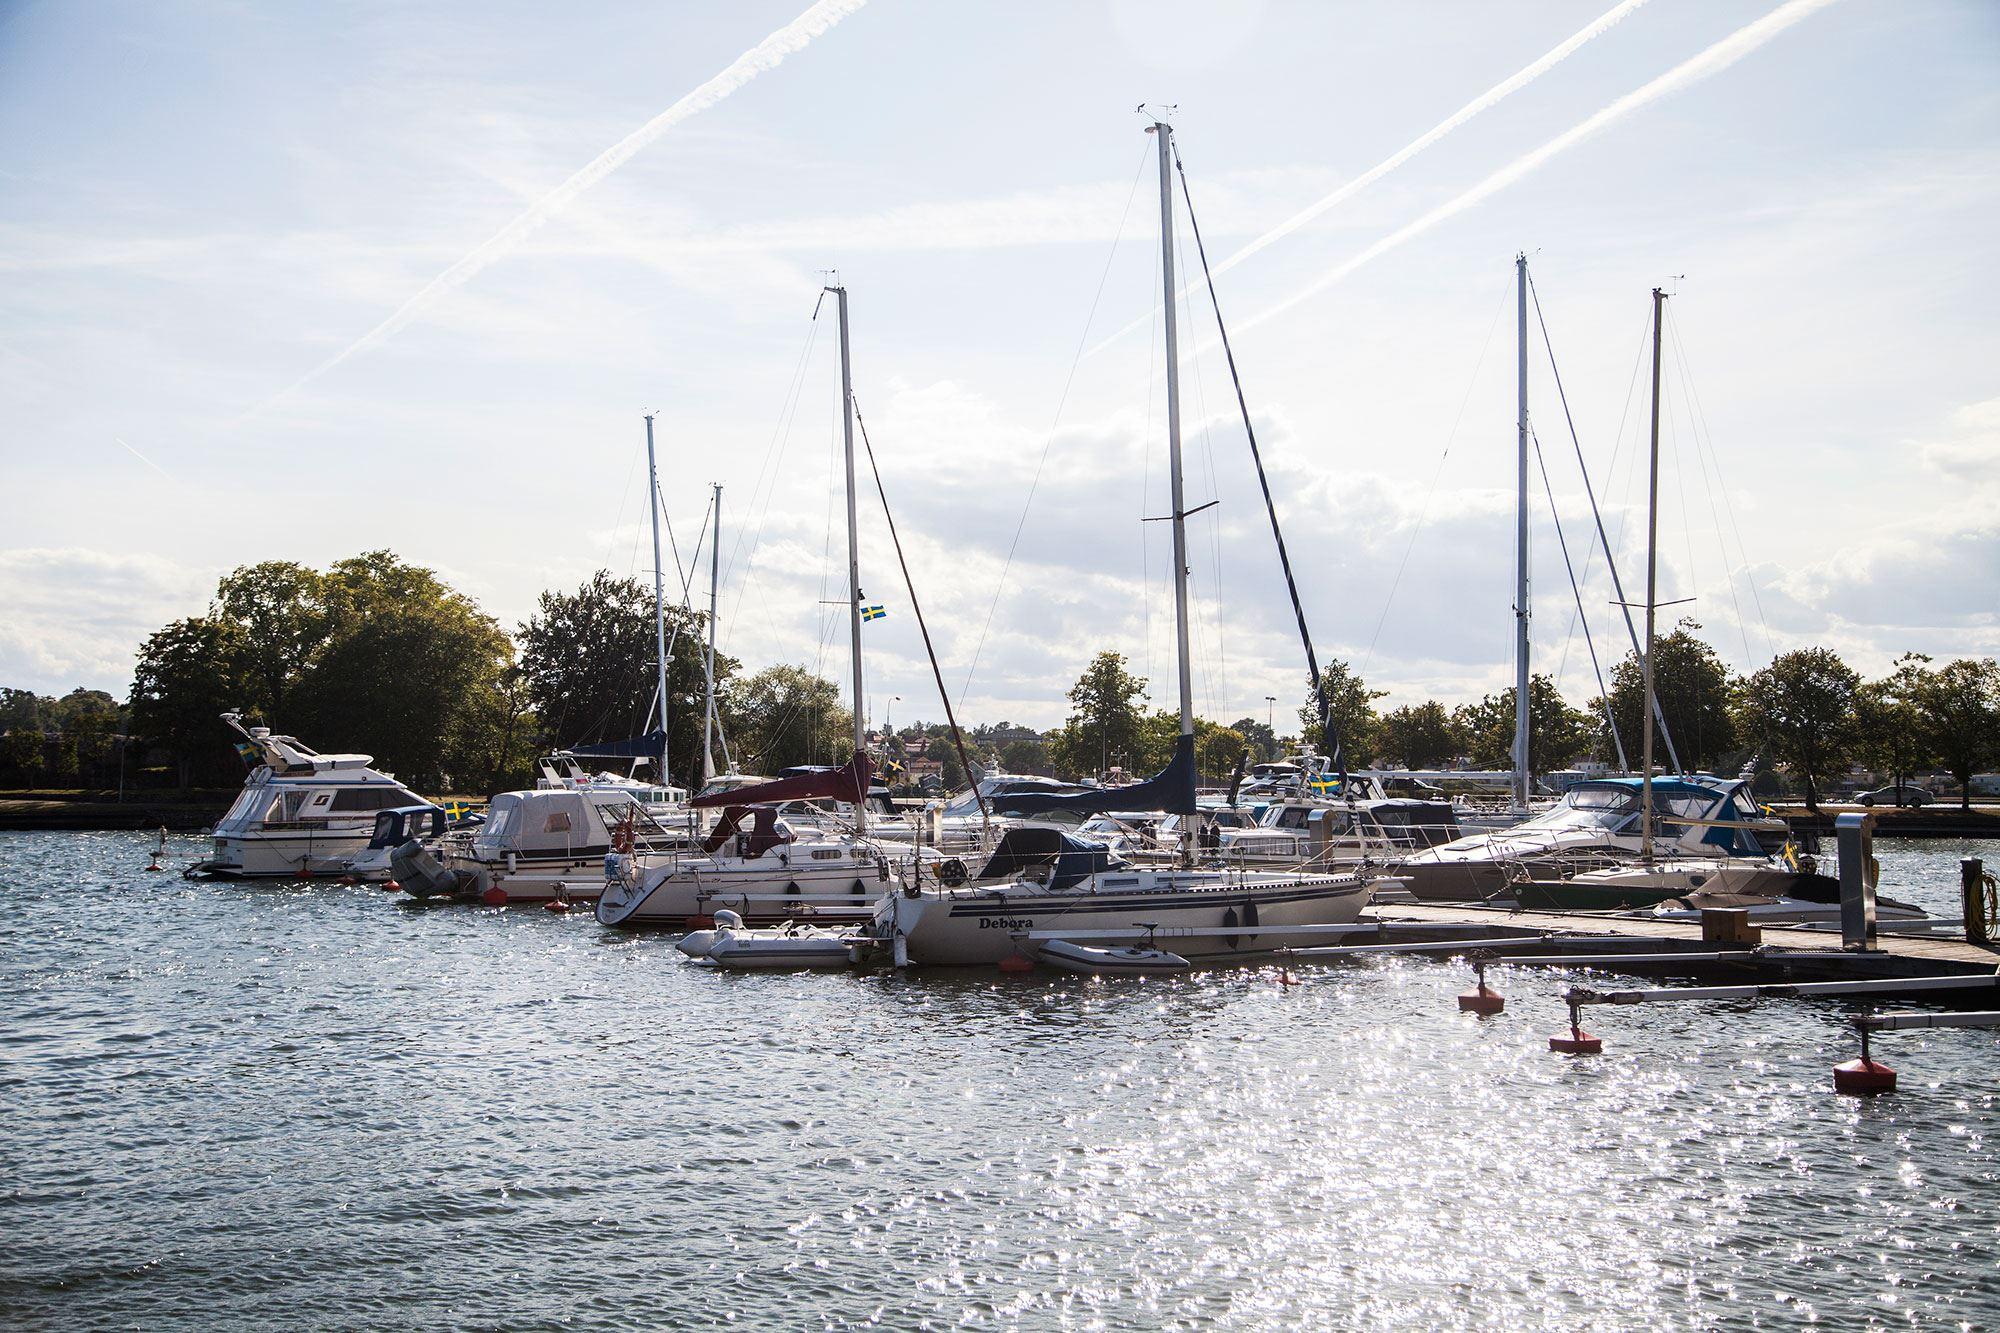 Västerviks Gästhamn